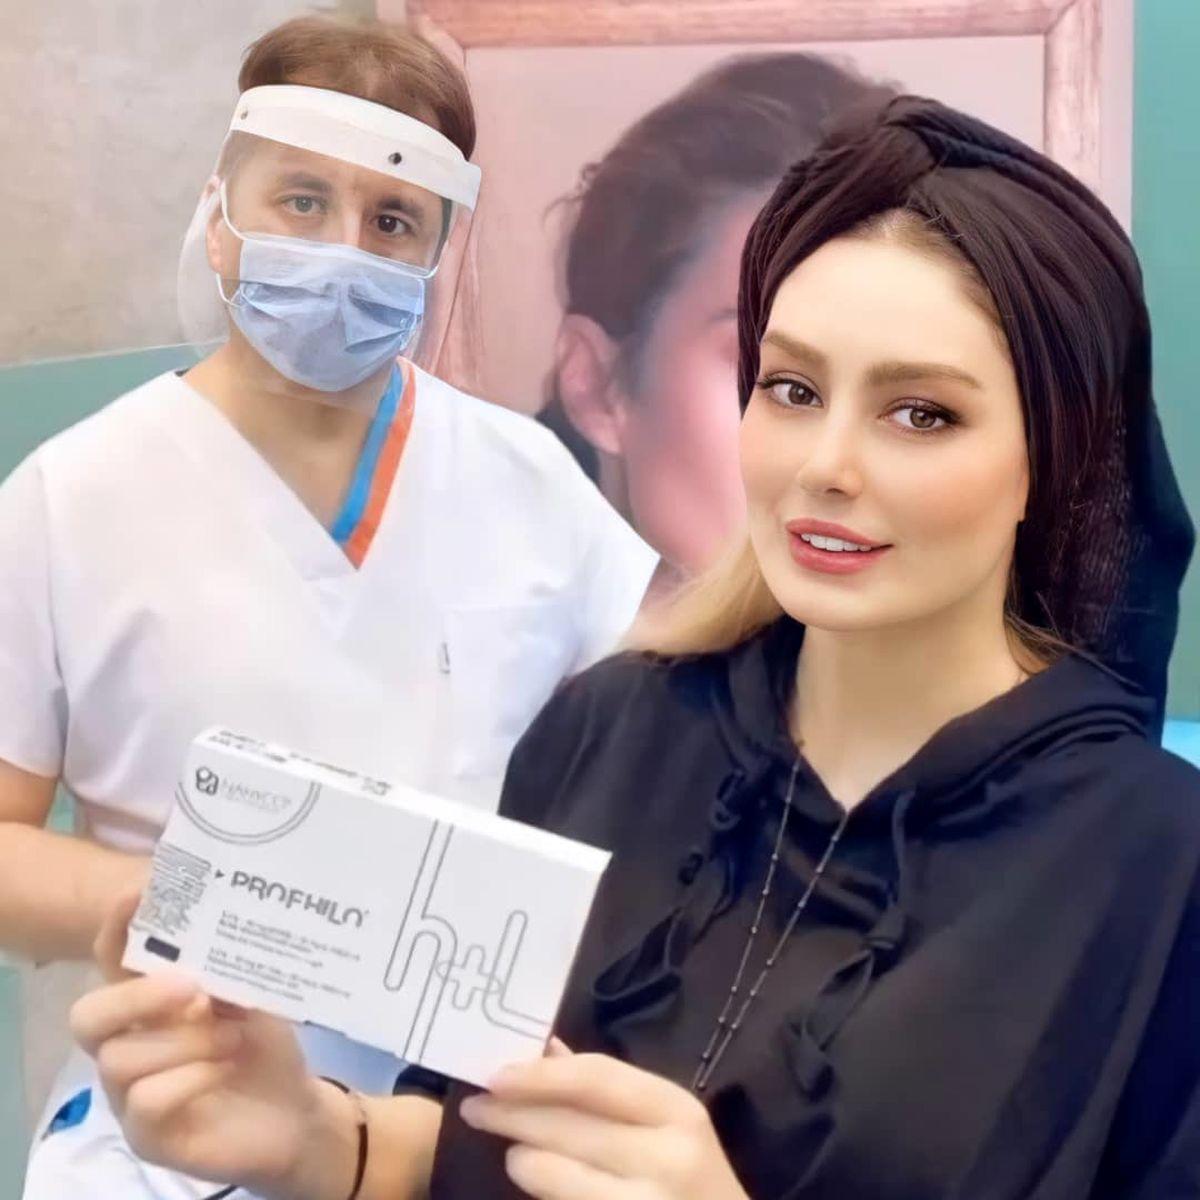 تبلیغ سحر قریشی در مطب آقای دکتر با لباسِ یقه باز ! + عکس